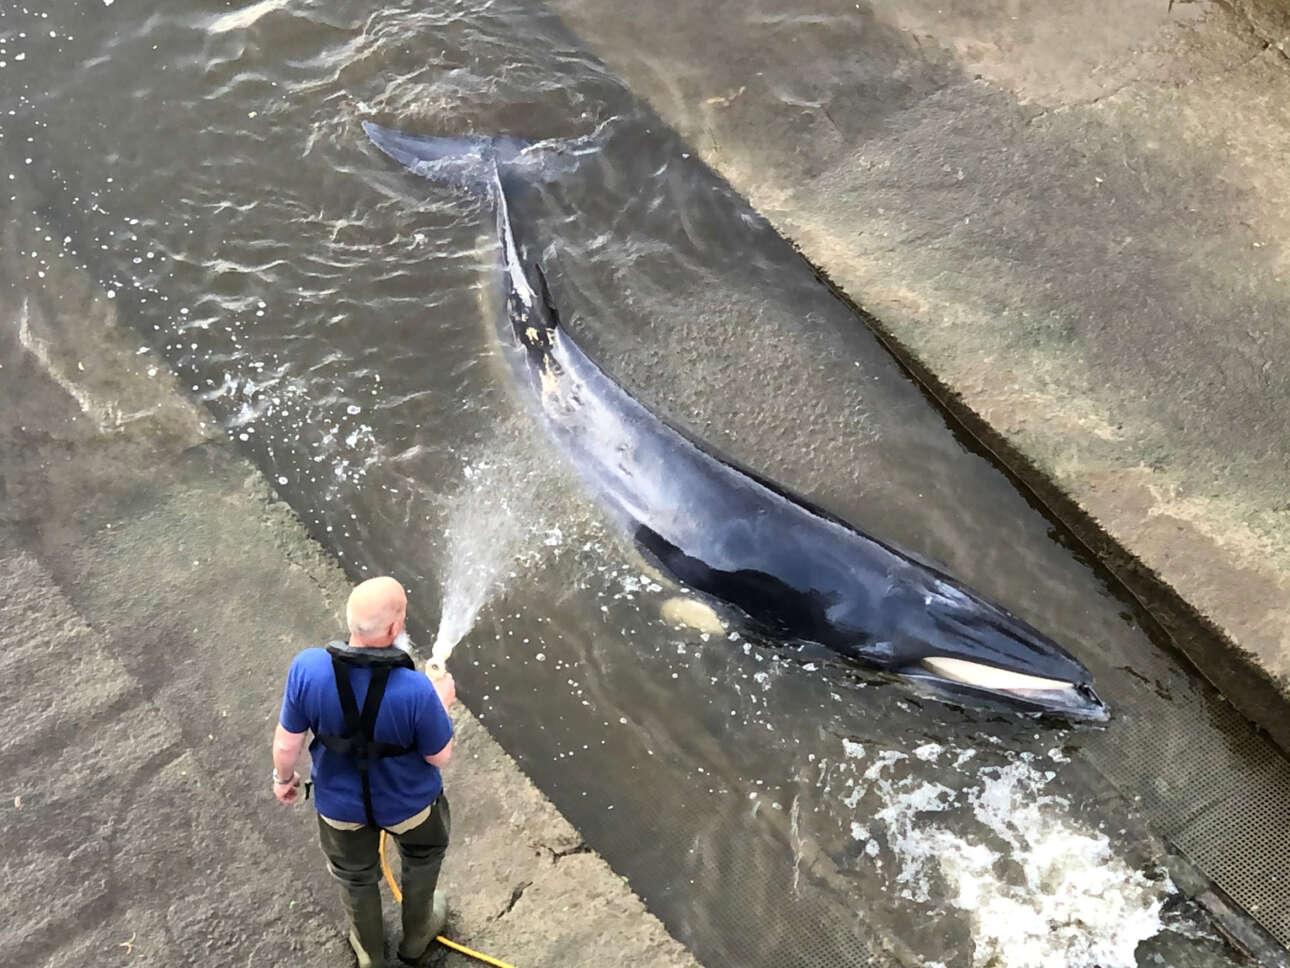 Η νεαρή φάλαινα έχει προσαράξει σε ένα ρηχό κανάλι του Τάμεση, έτσι δέχεται με ευχαρίστηση το… πότισμά της με καθαρό νερό από το λάστιχο κάποιου Λονδρέζου